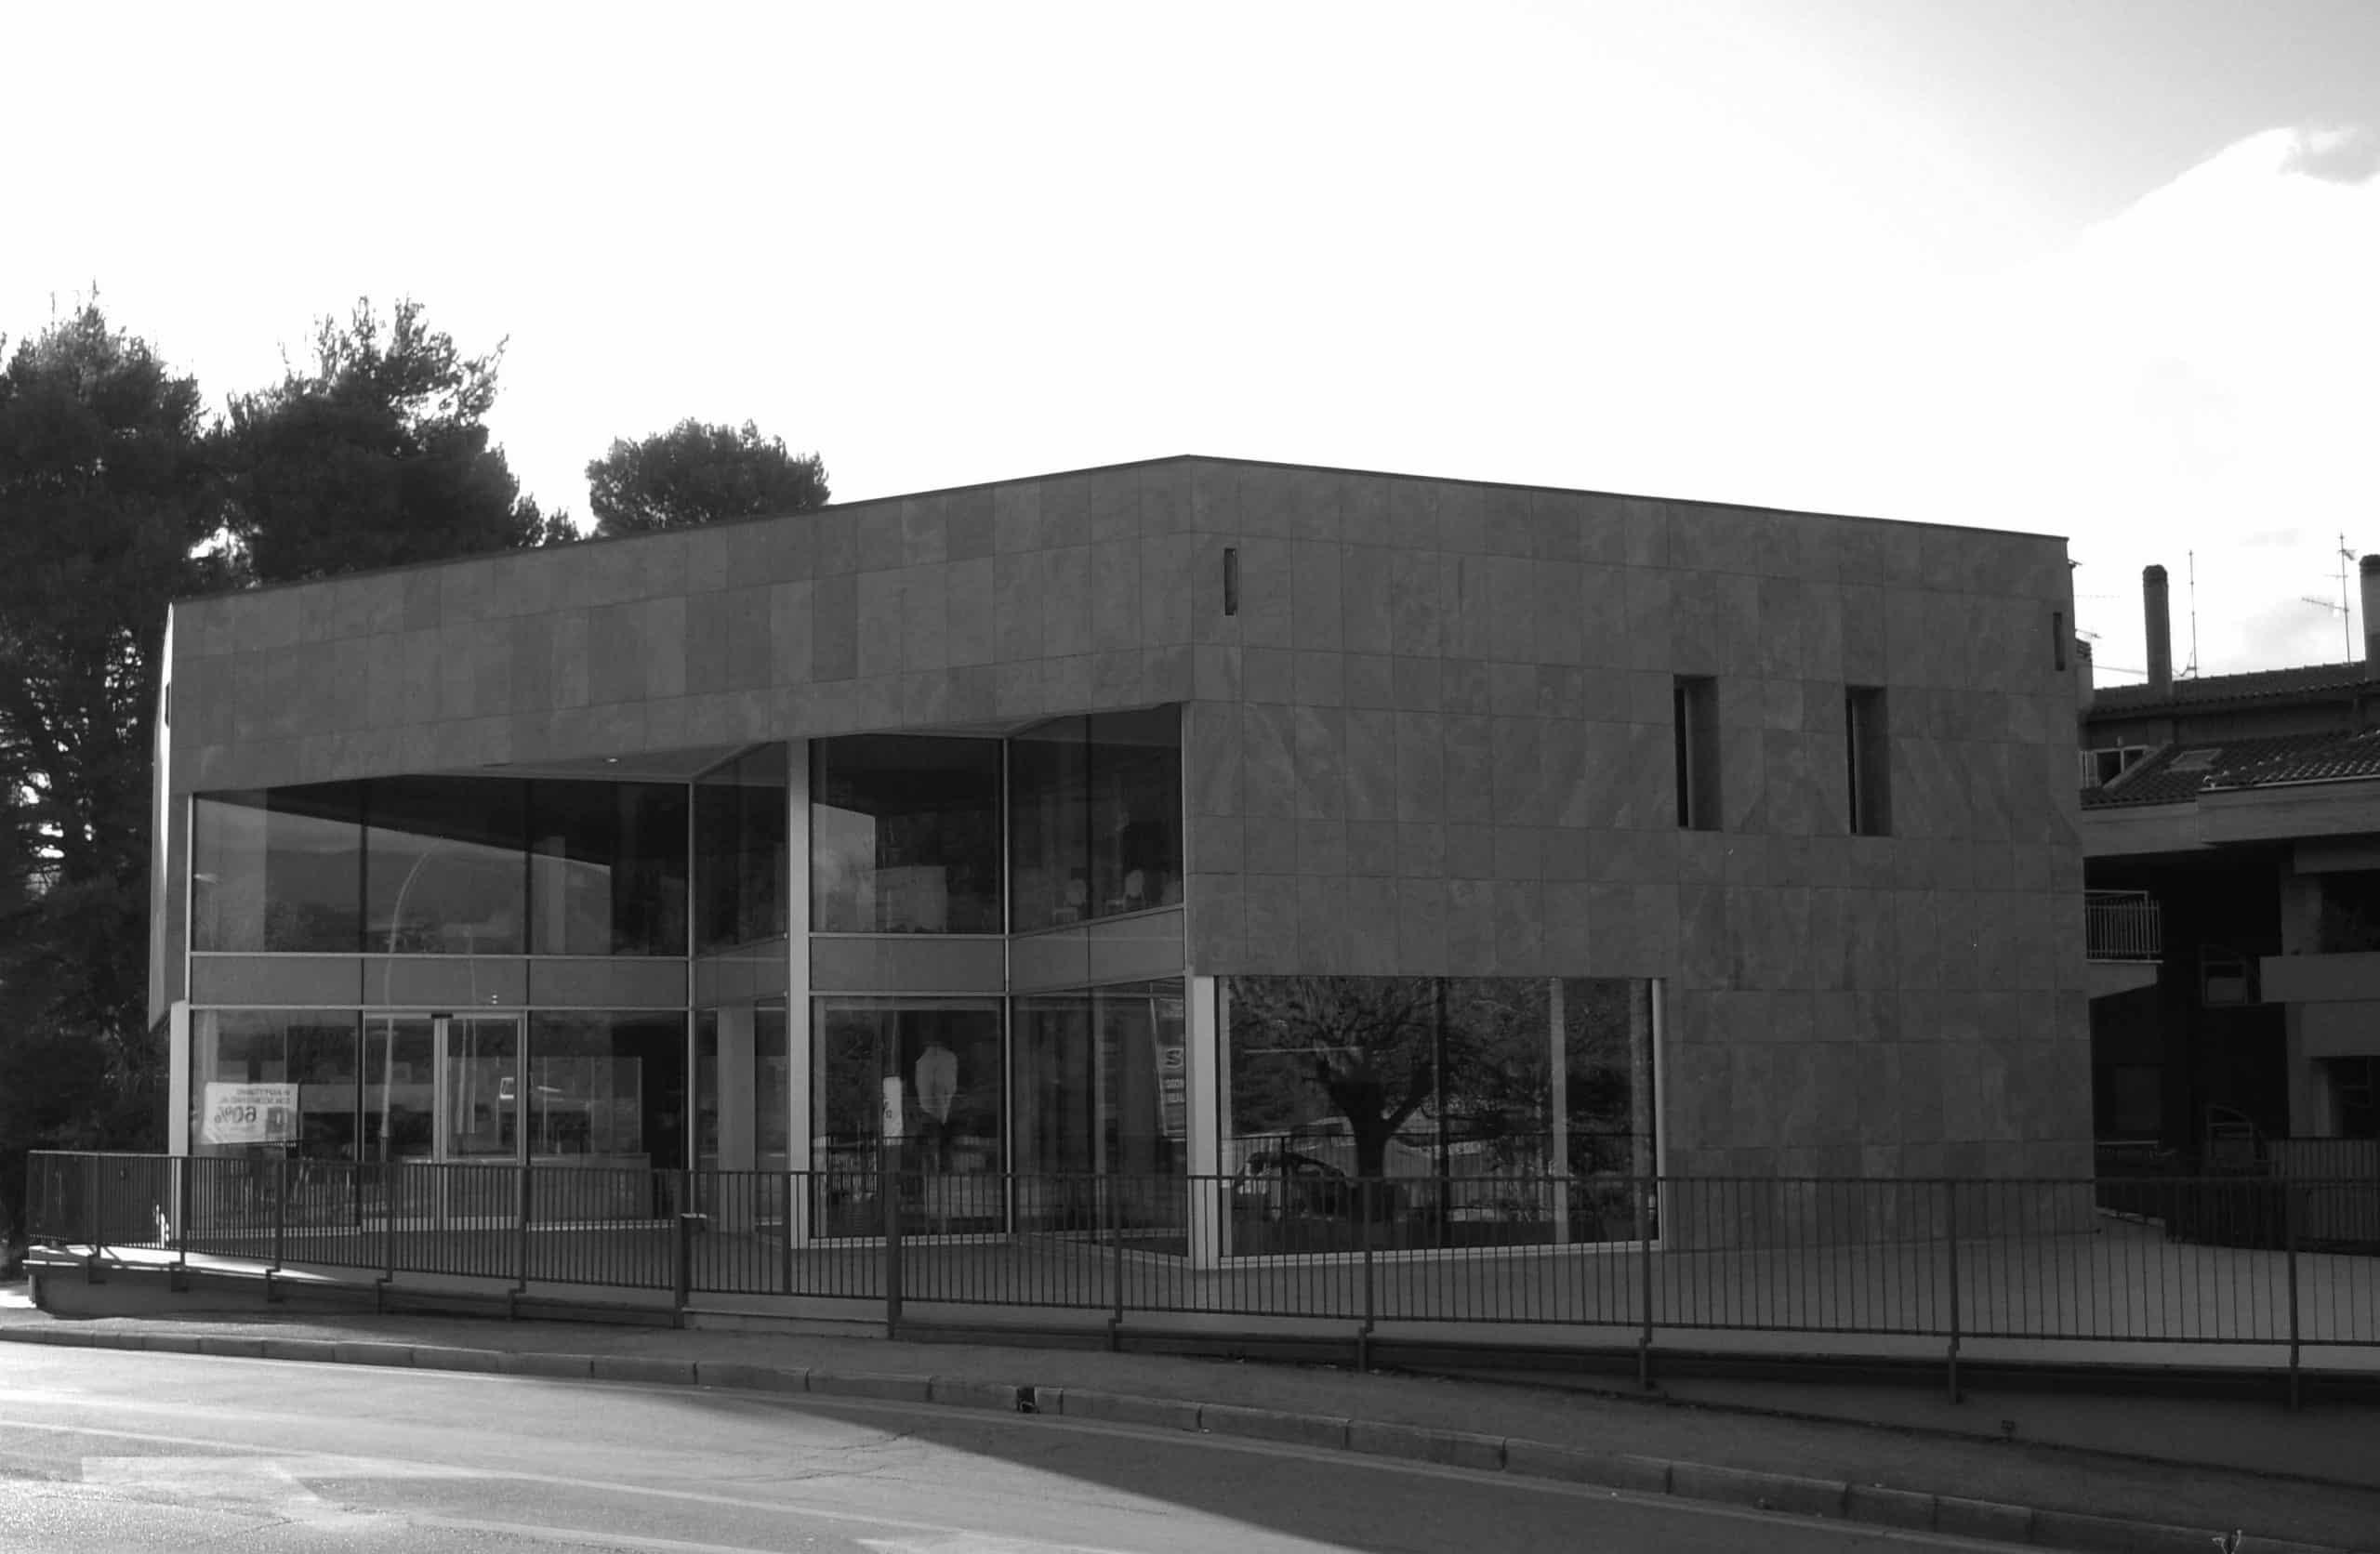 25 - Ristrutturazione del Mobilificio Regoli in via Nursina, Spoleto (PG) - Vista esterna